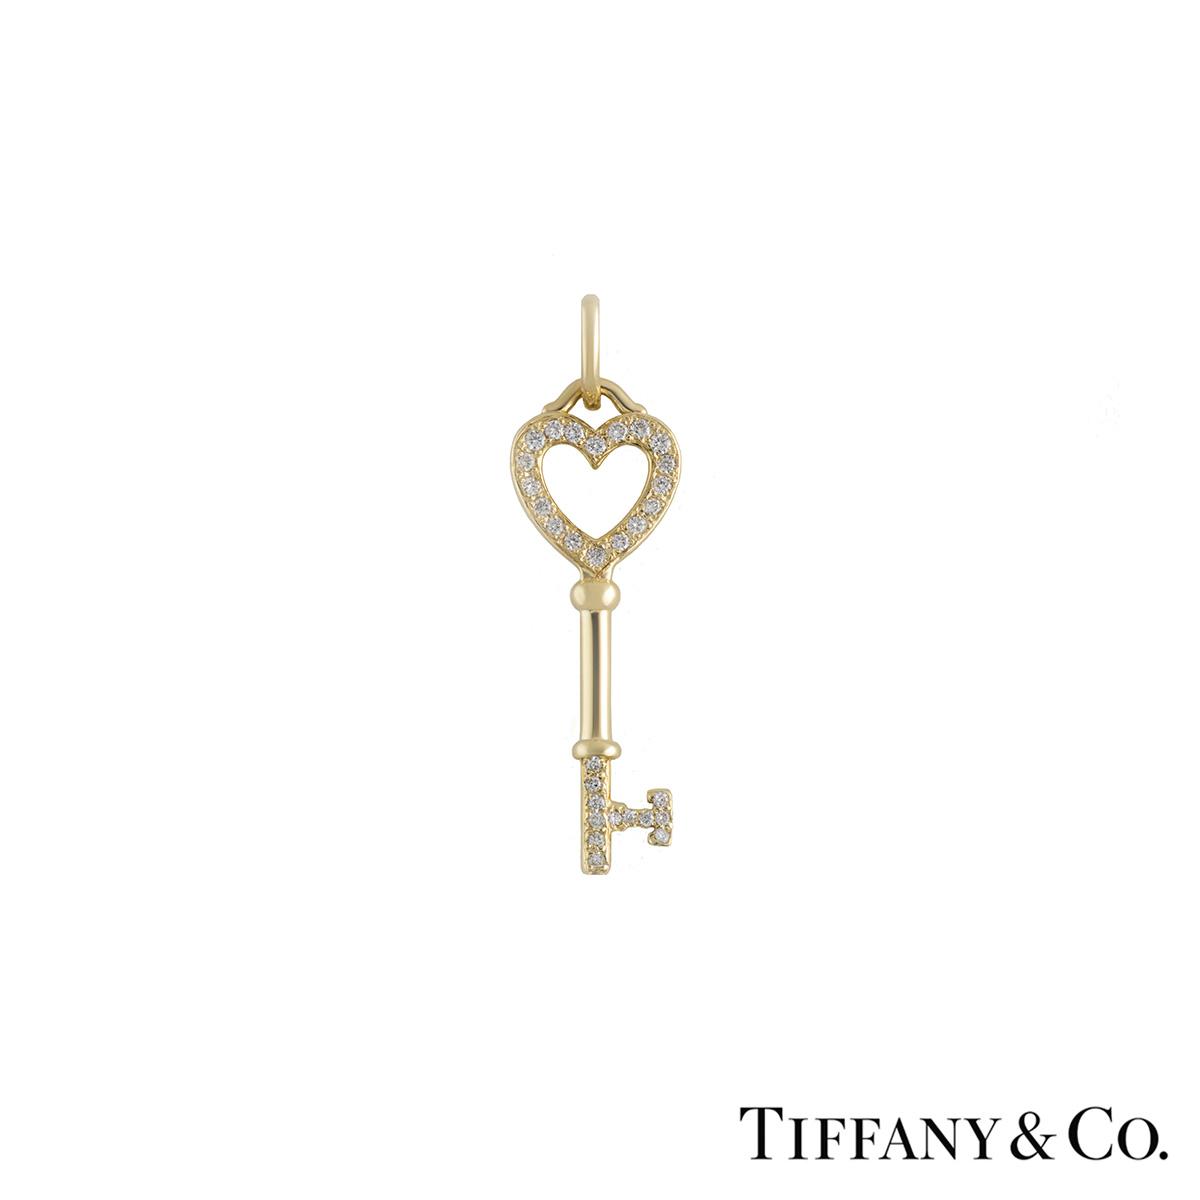 Tiffany co 18k yellow gold diamond set heart key pendant rich tiffany co 18k yellow gold diamond set heart key pendant aloadofball Image collections